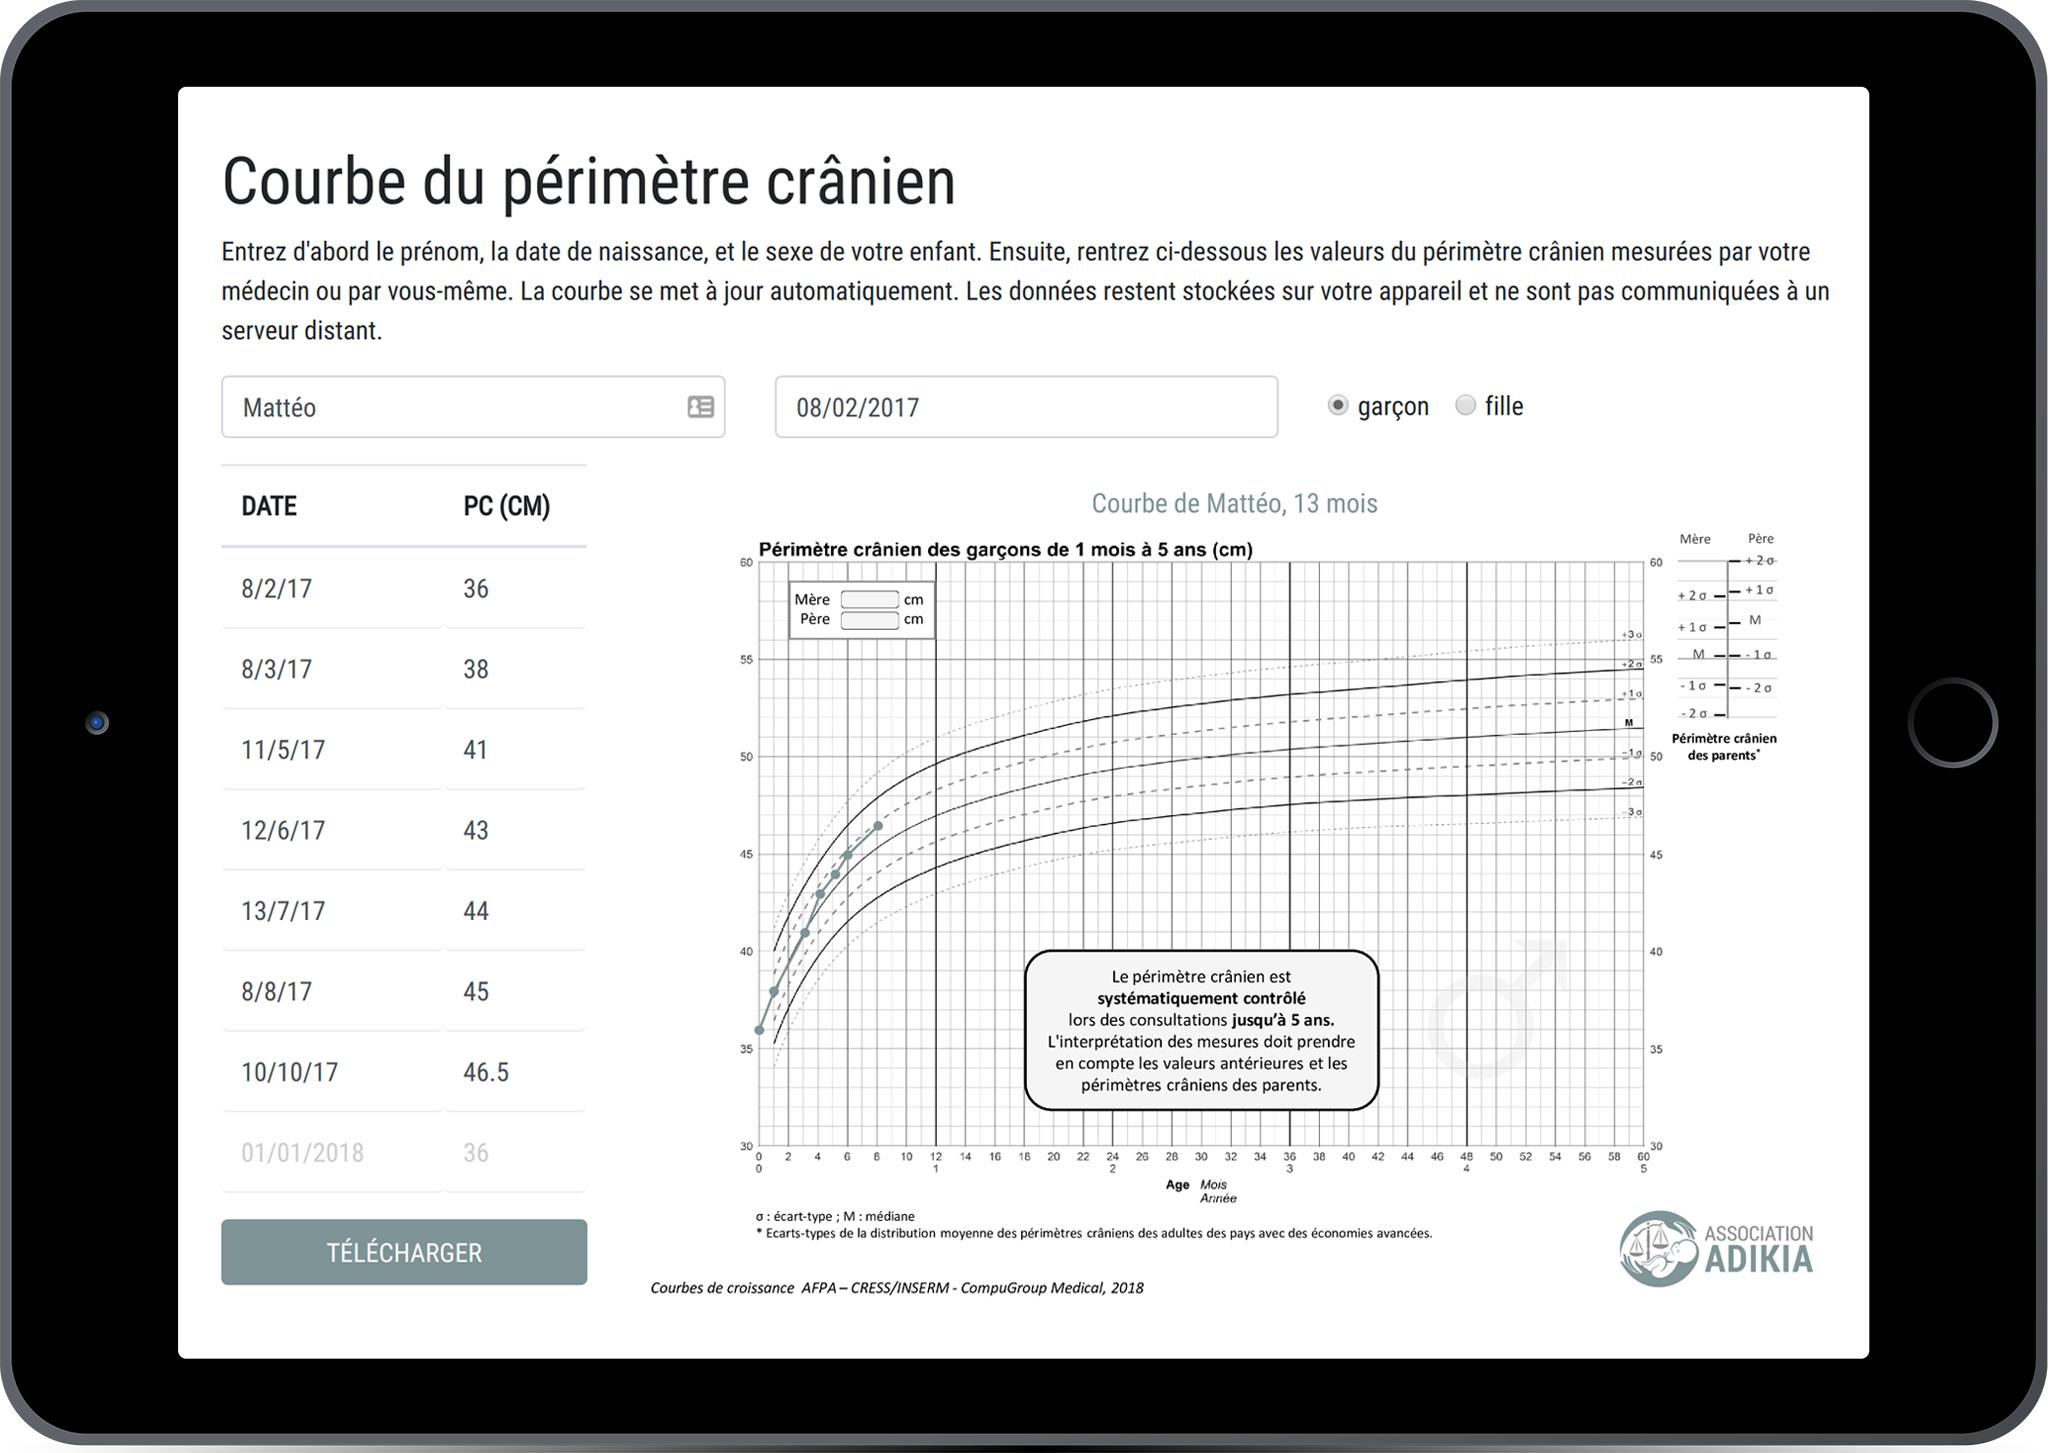 Une application interactive en cours de développement vous aide à reporter  les valeurs et à tracer la courbe du périmètre crânien   a975e2b0ea9